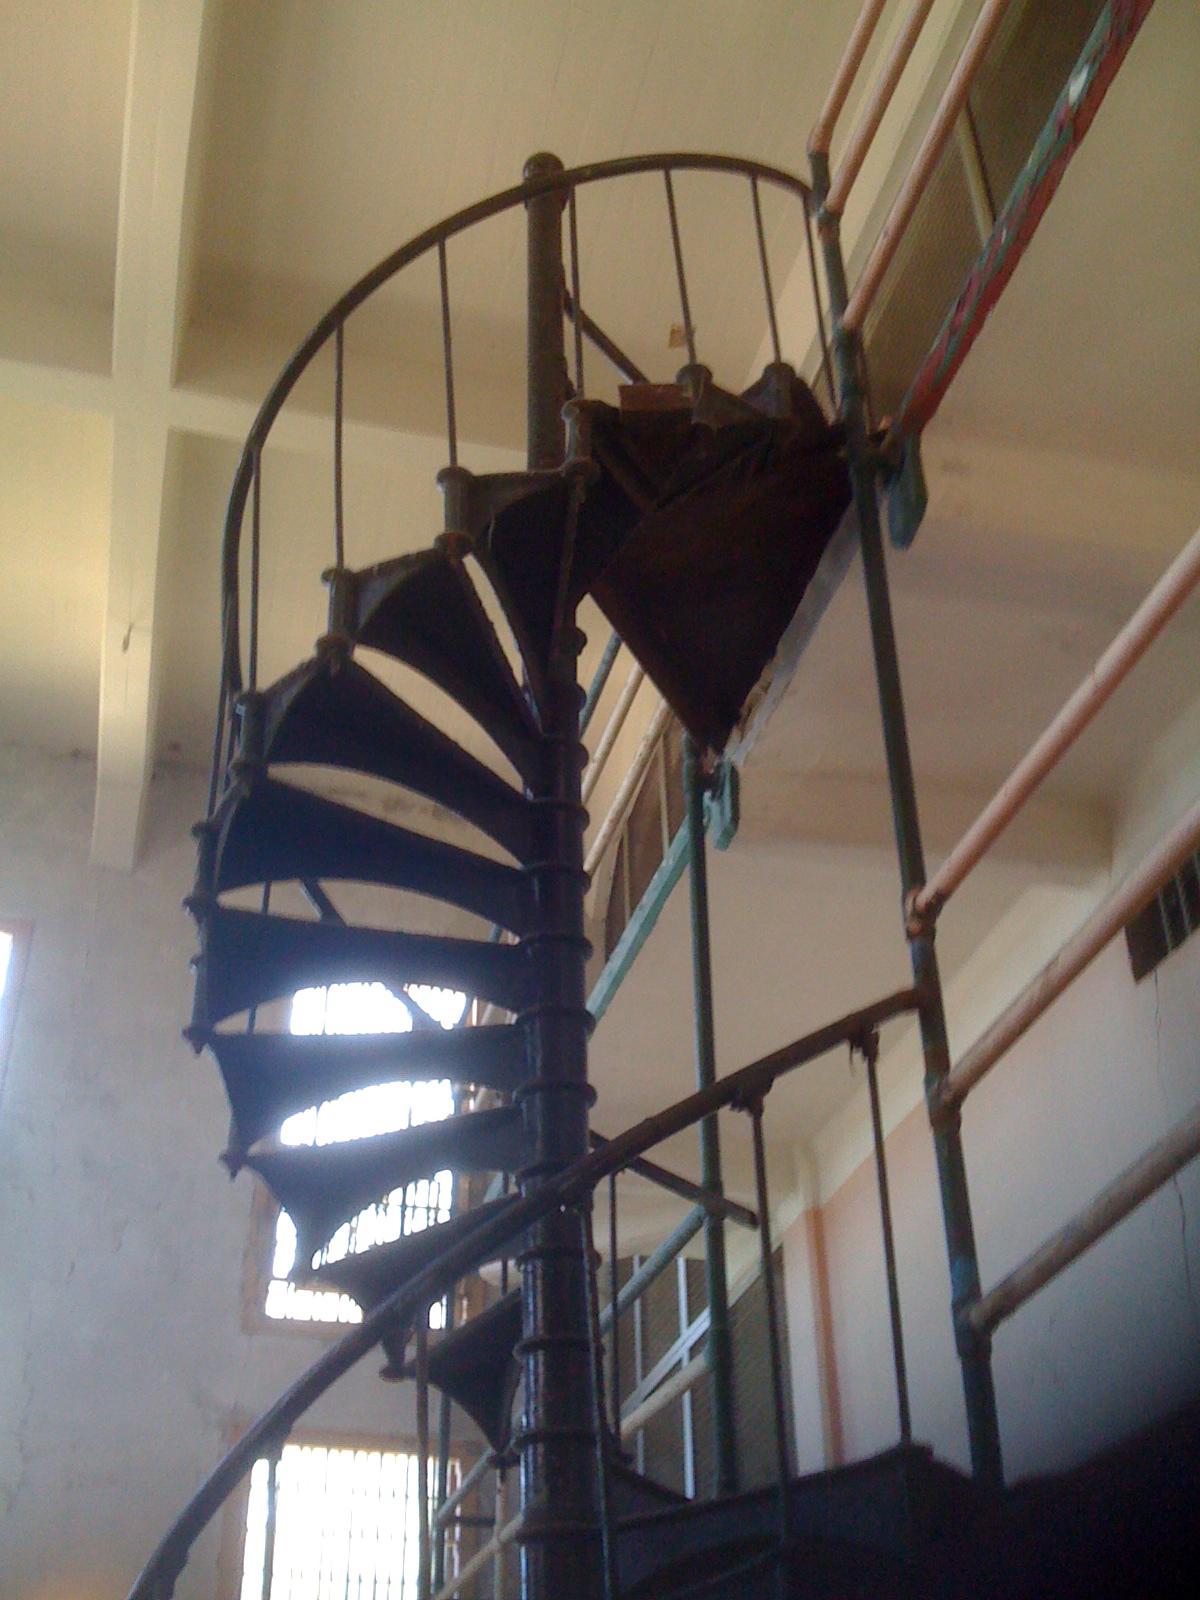 Gaunt prison stairs